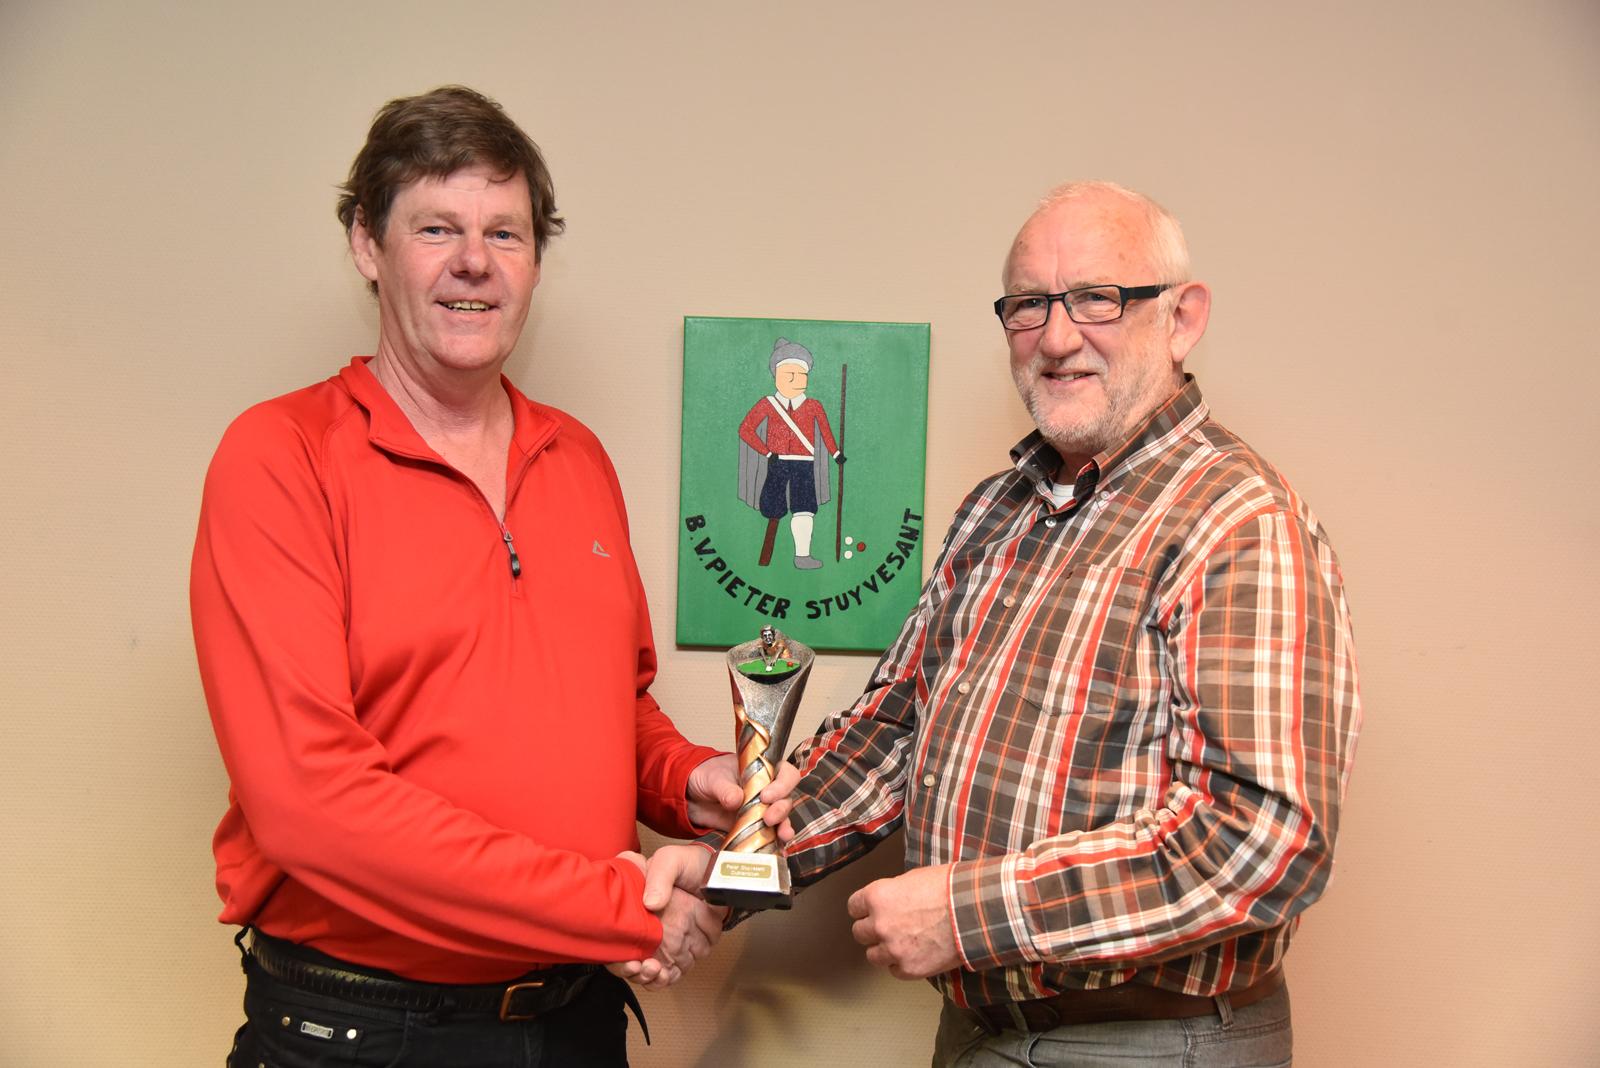 v.l.n.r. Clubkampioen 2015- 2016 Herwich van der Vegt en Wedstrijdleider George Bakker.